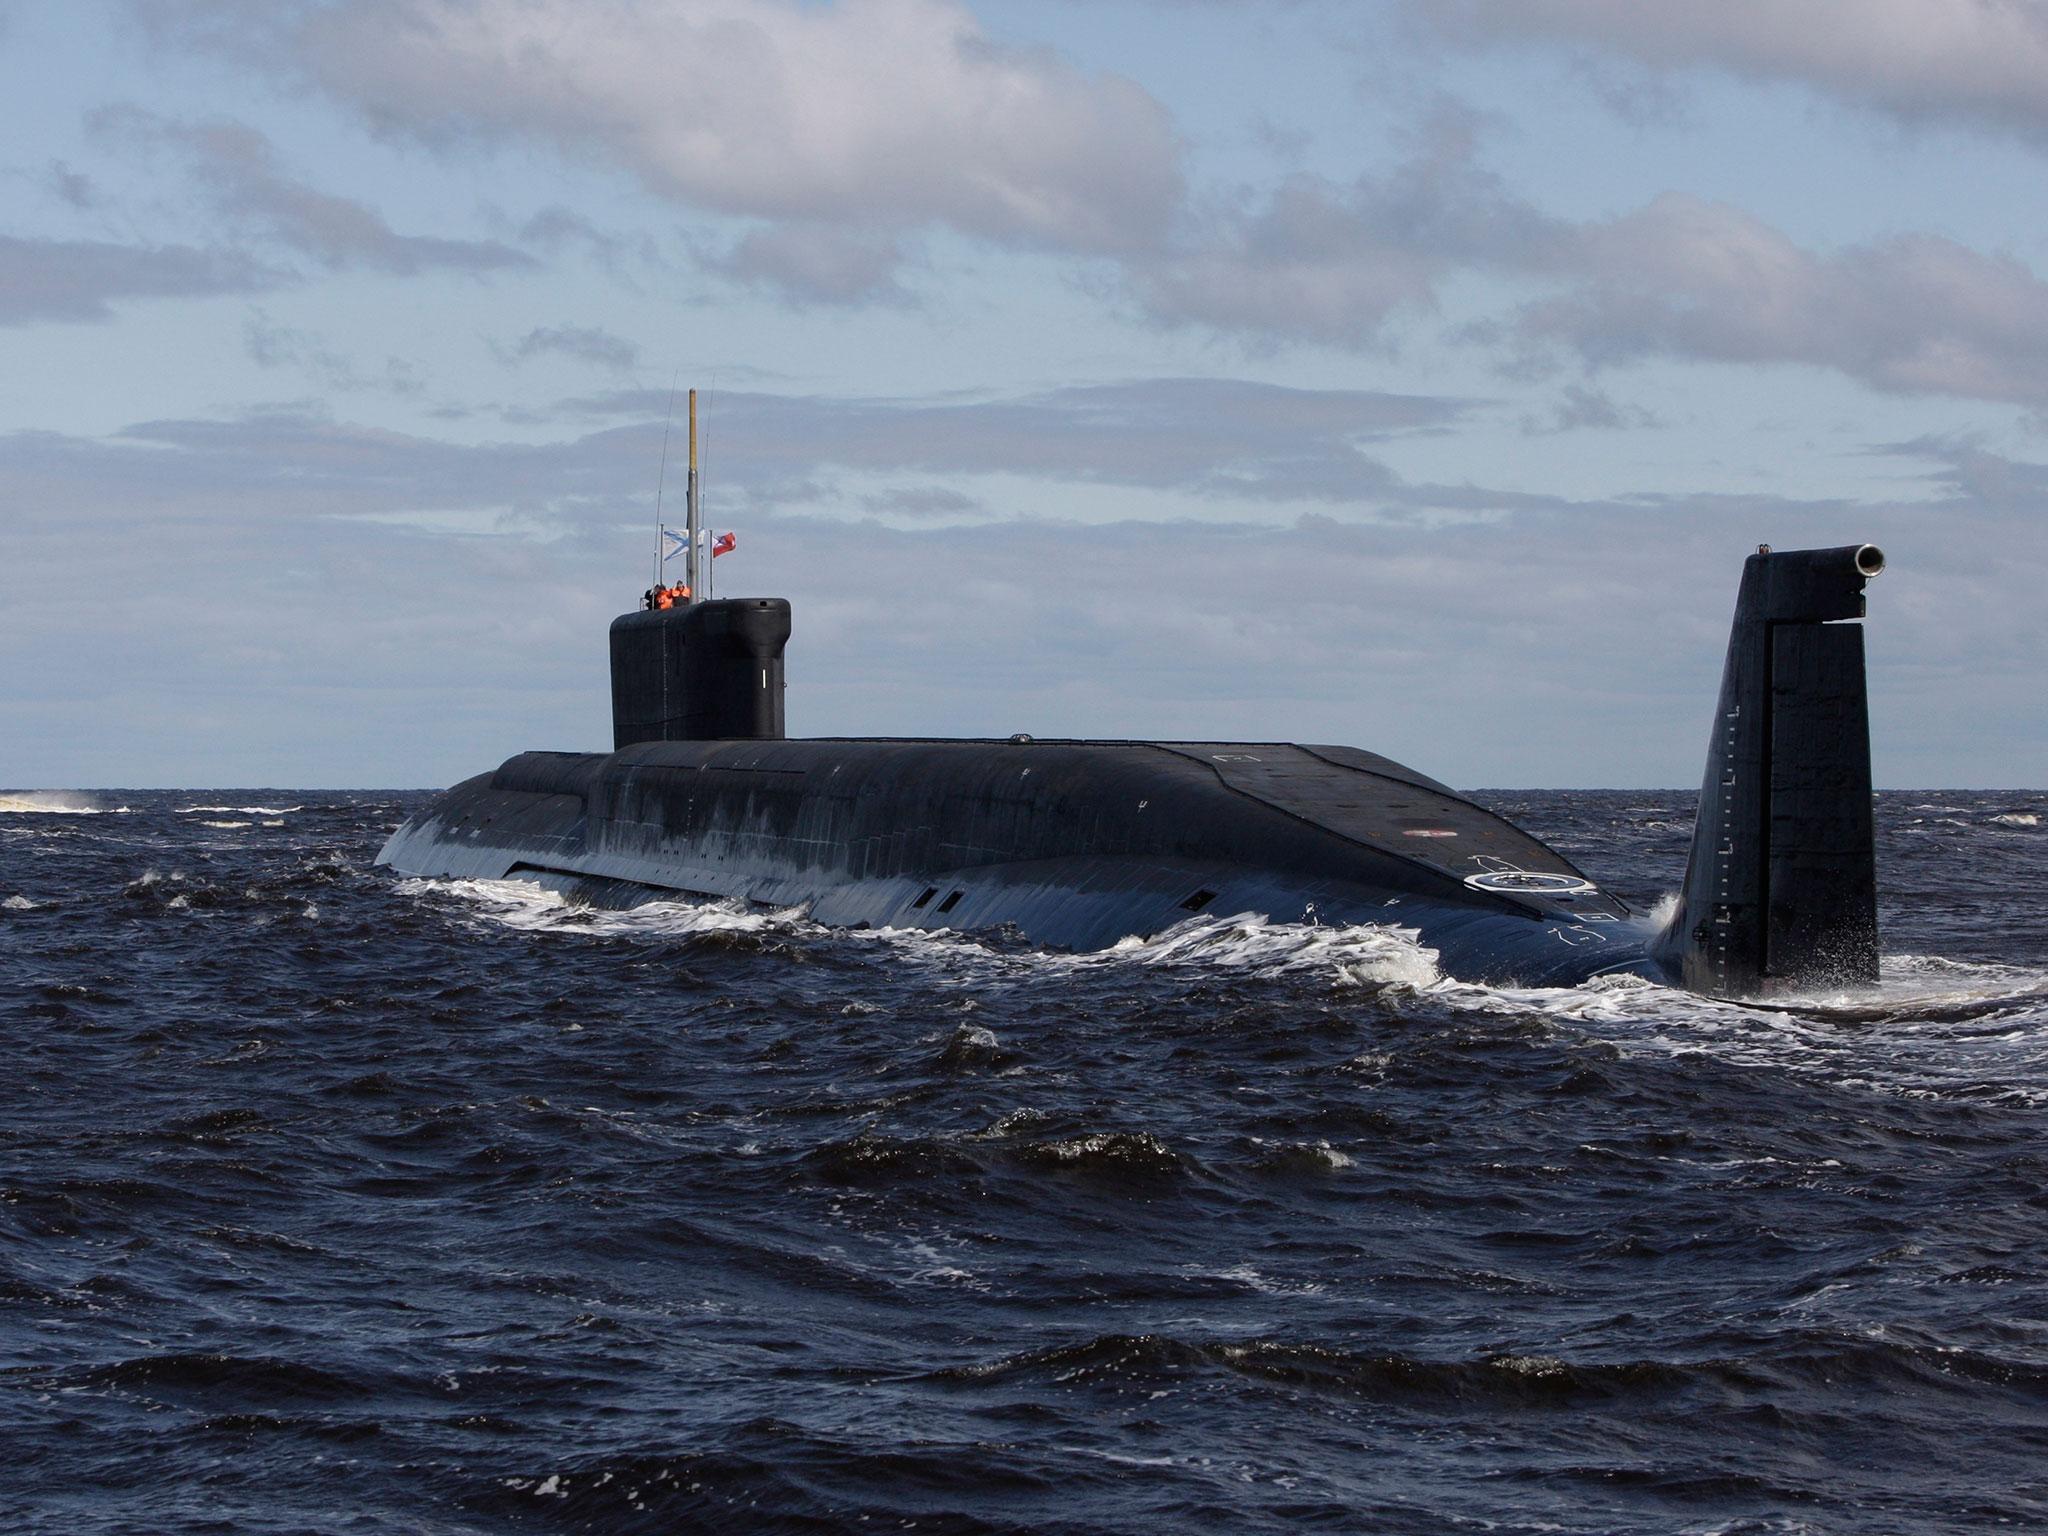 British sailors noticed Russian submarines in the Mediterranean Sea 10/30/2016 50